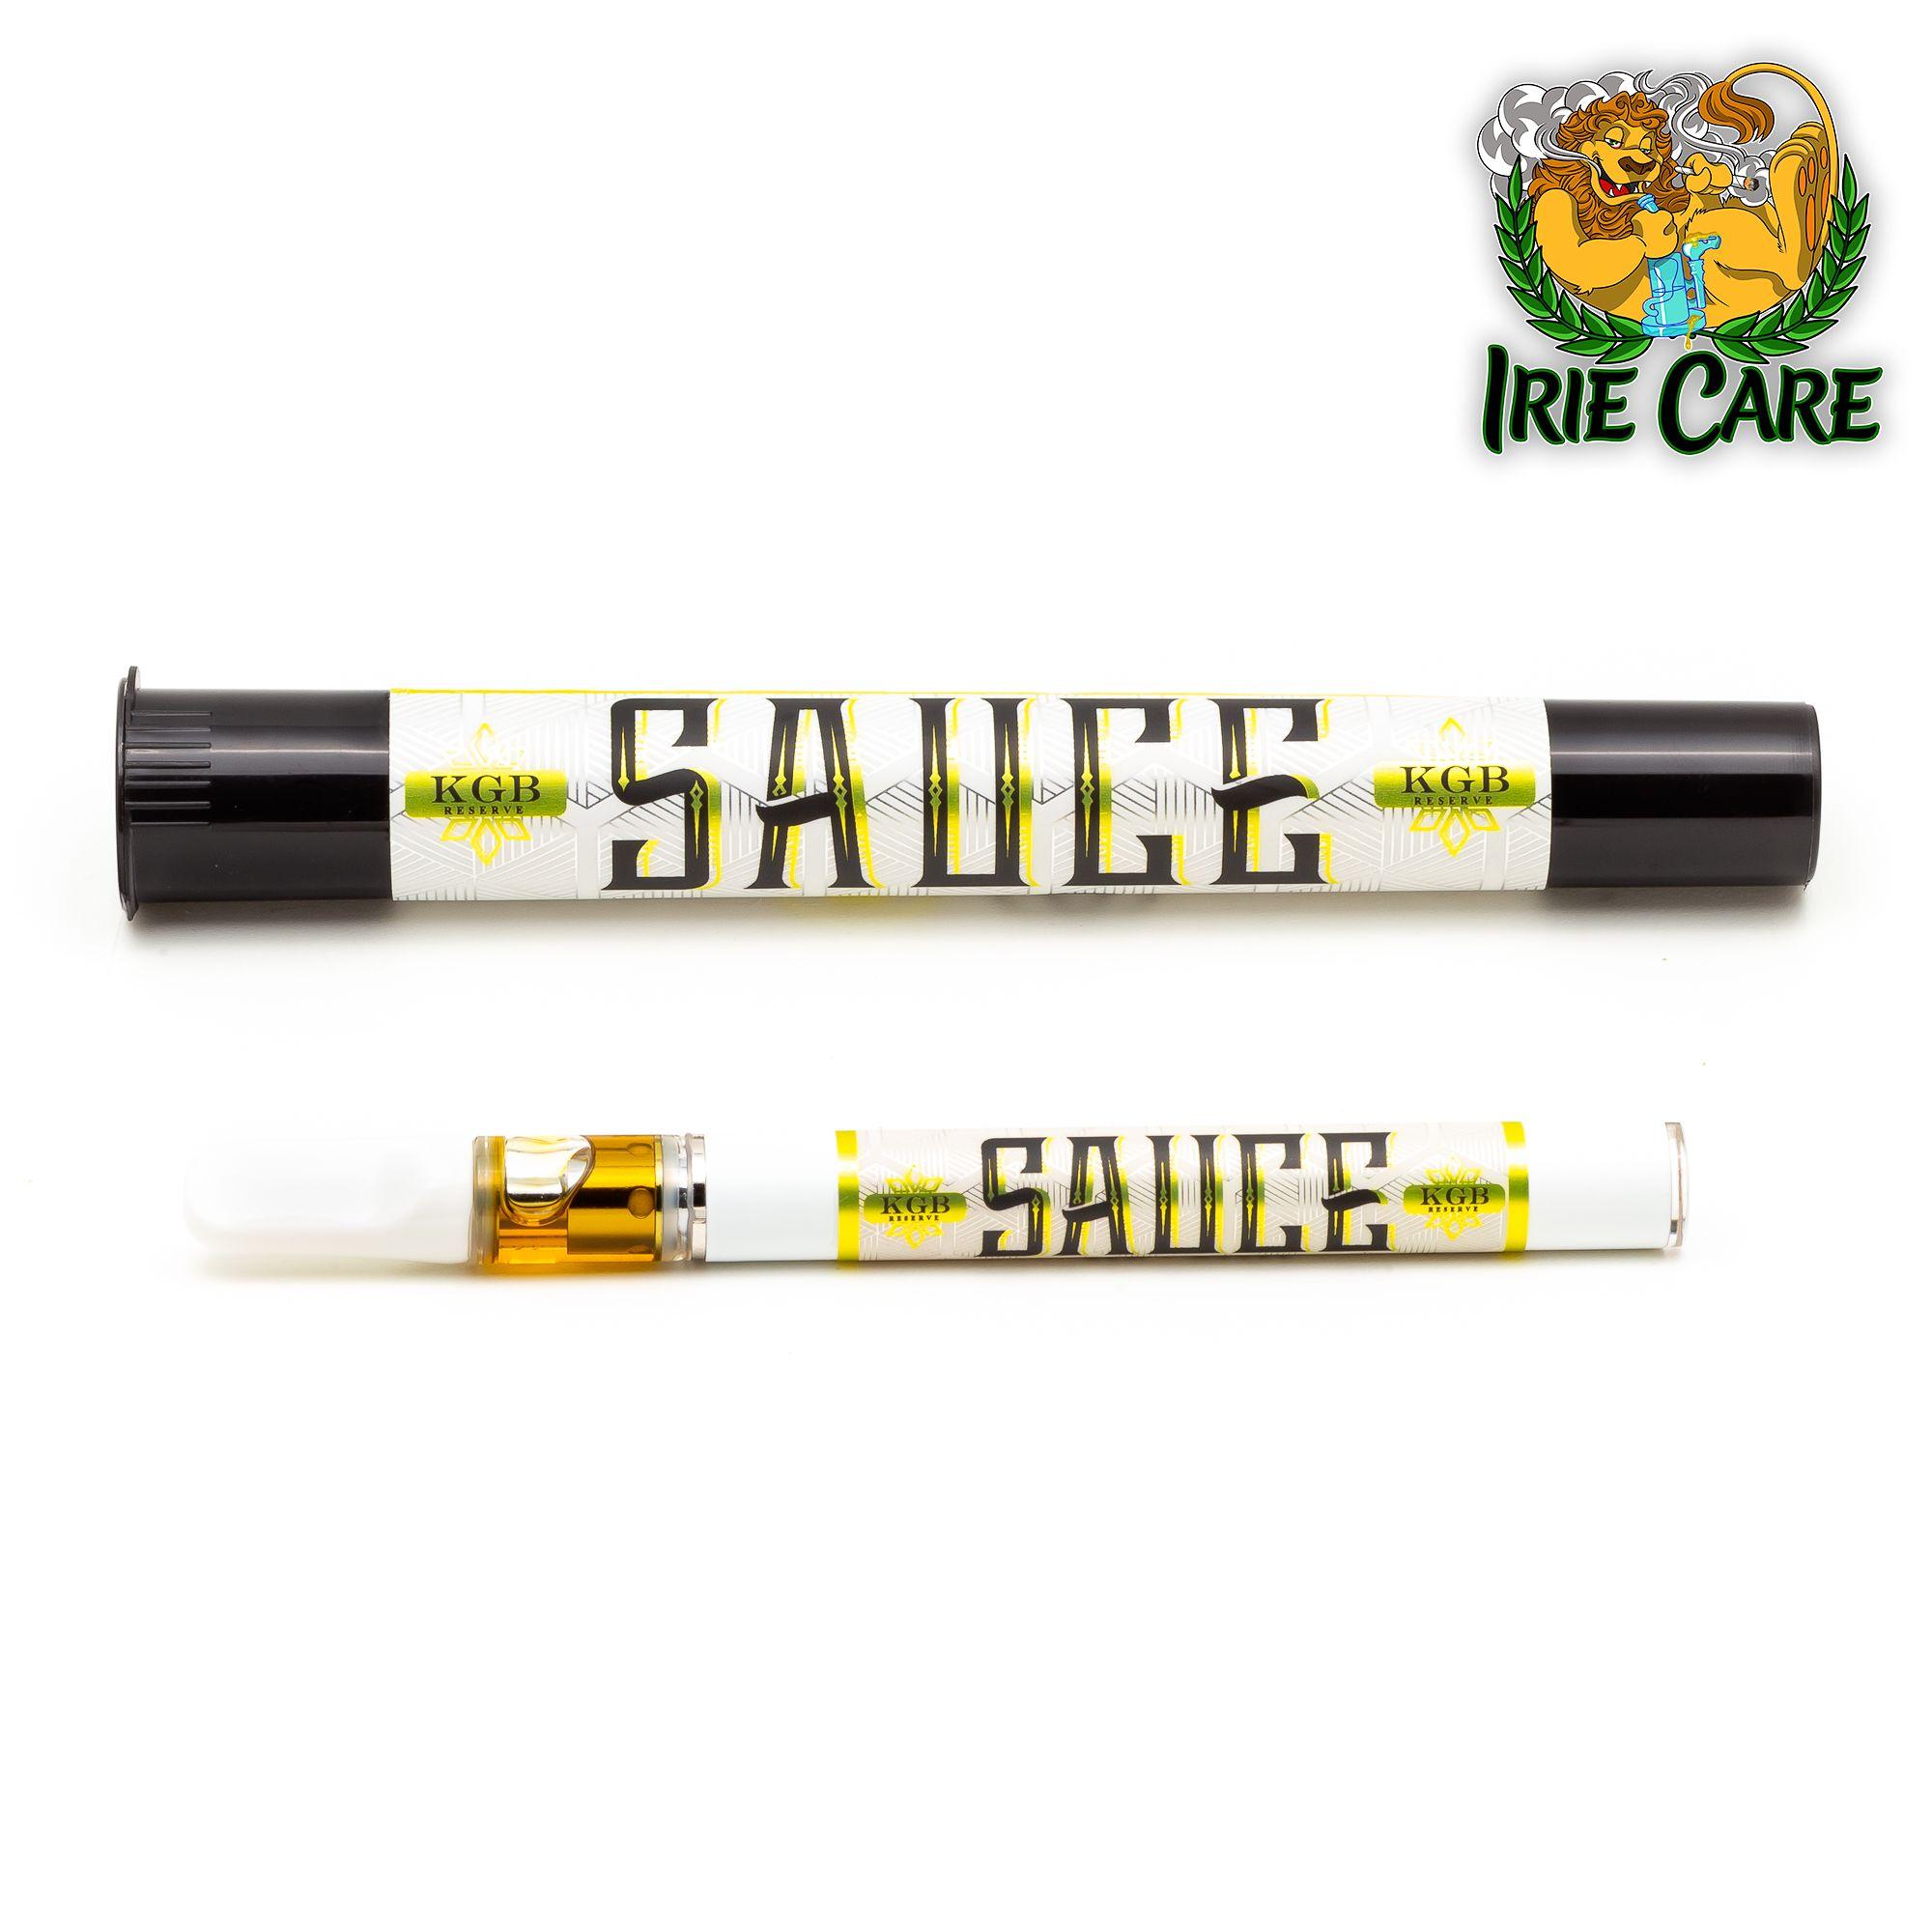 KGB Reserve - Sour Dub .5g HTFSE Sauce Pen